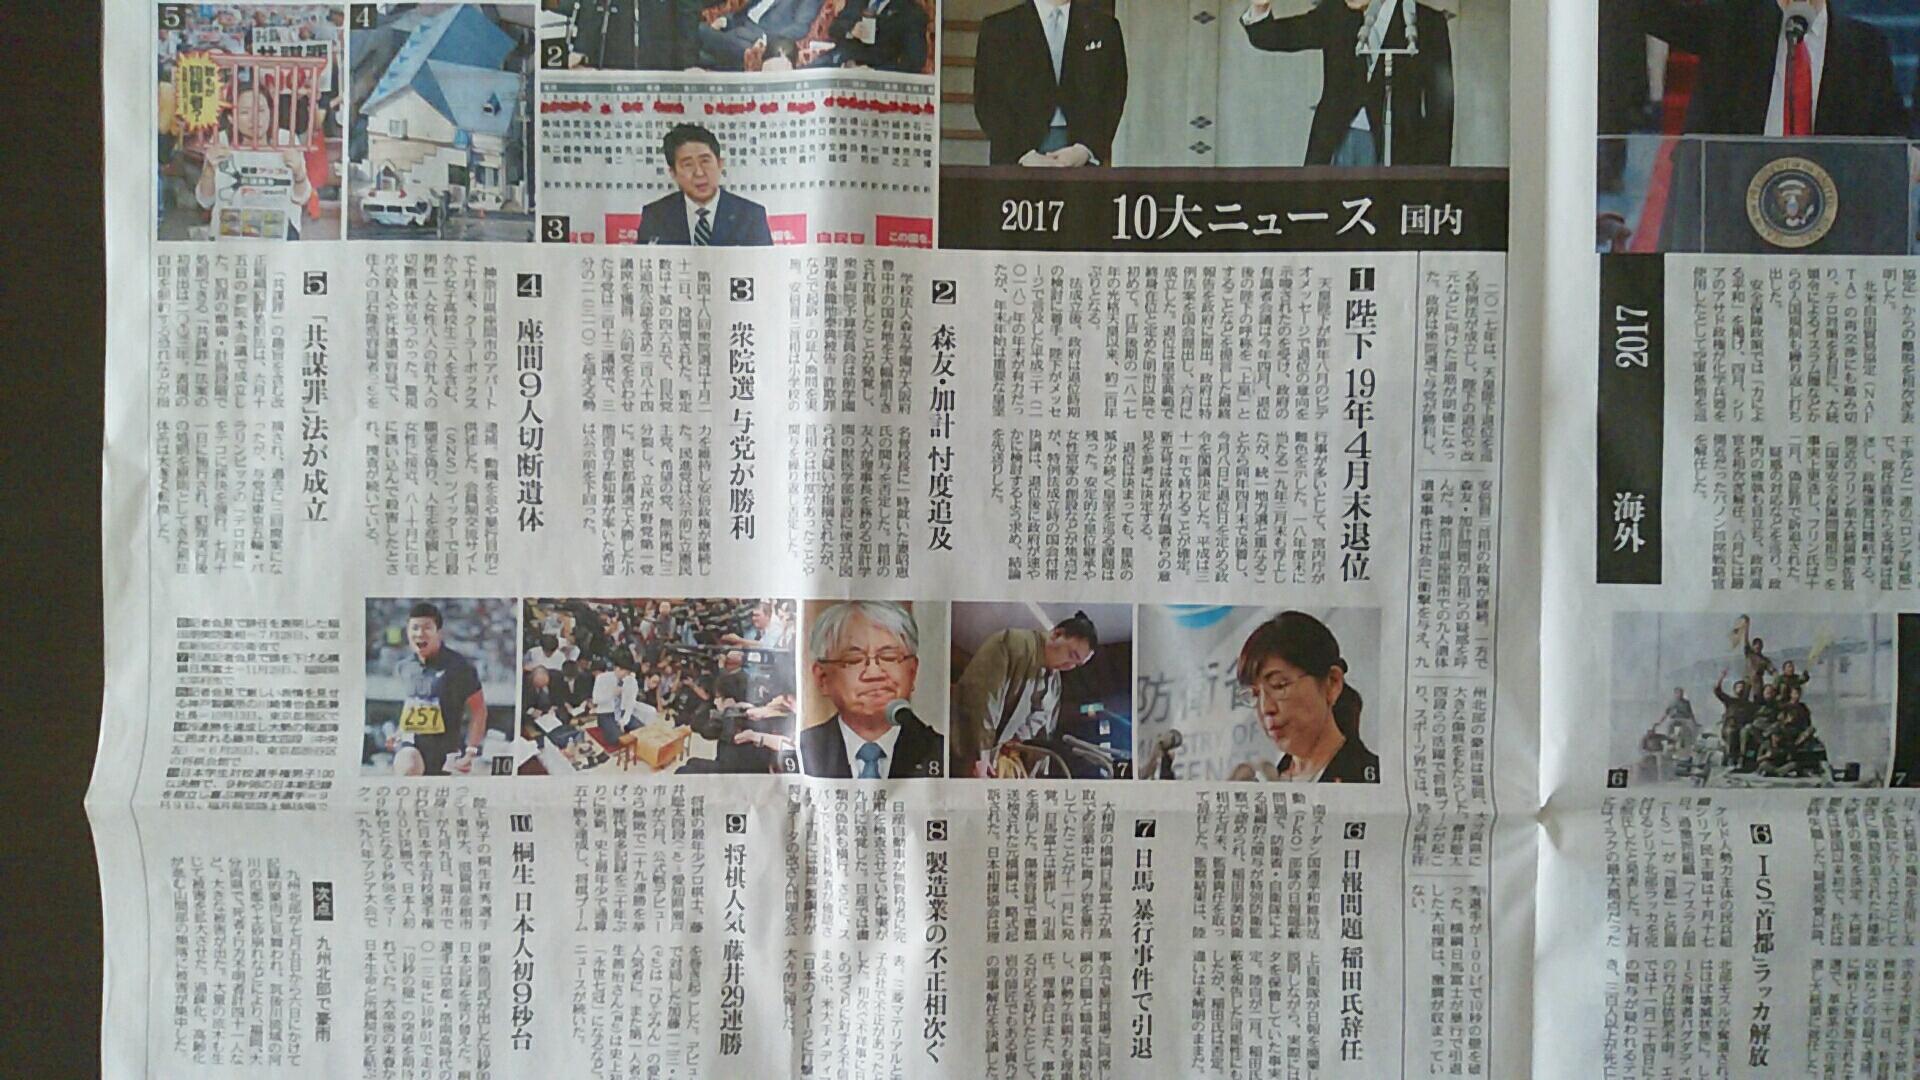 10大ニュース国内